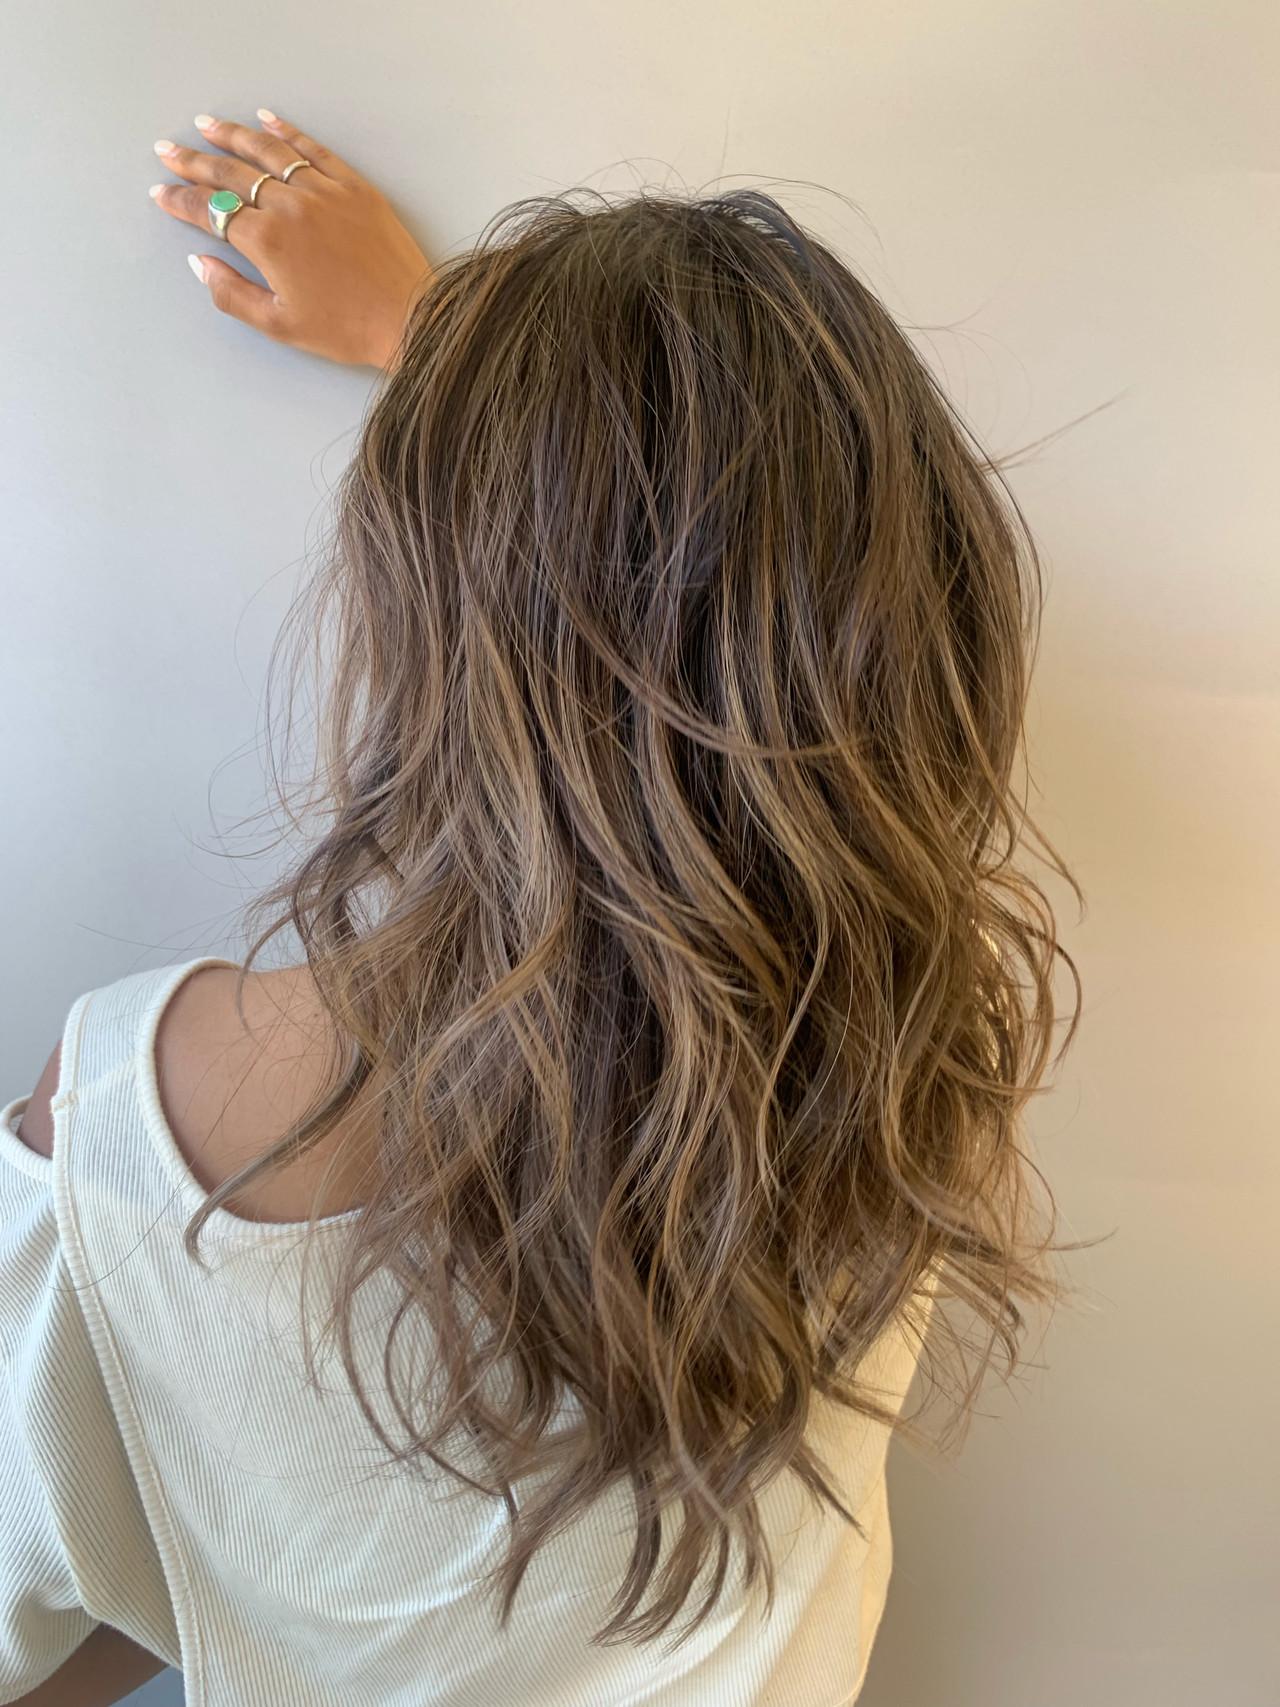 大人ハイライト バレイヤージュ ヘルシースタイル ロング ヘアスタイルや髪型の写真・画像